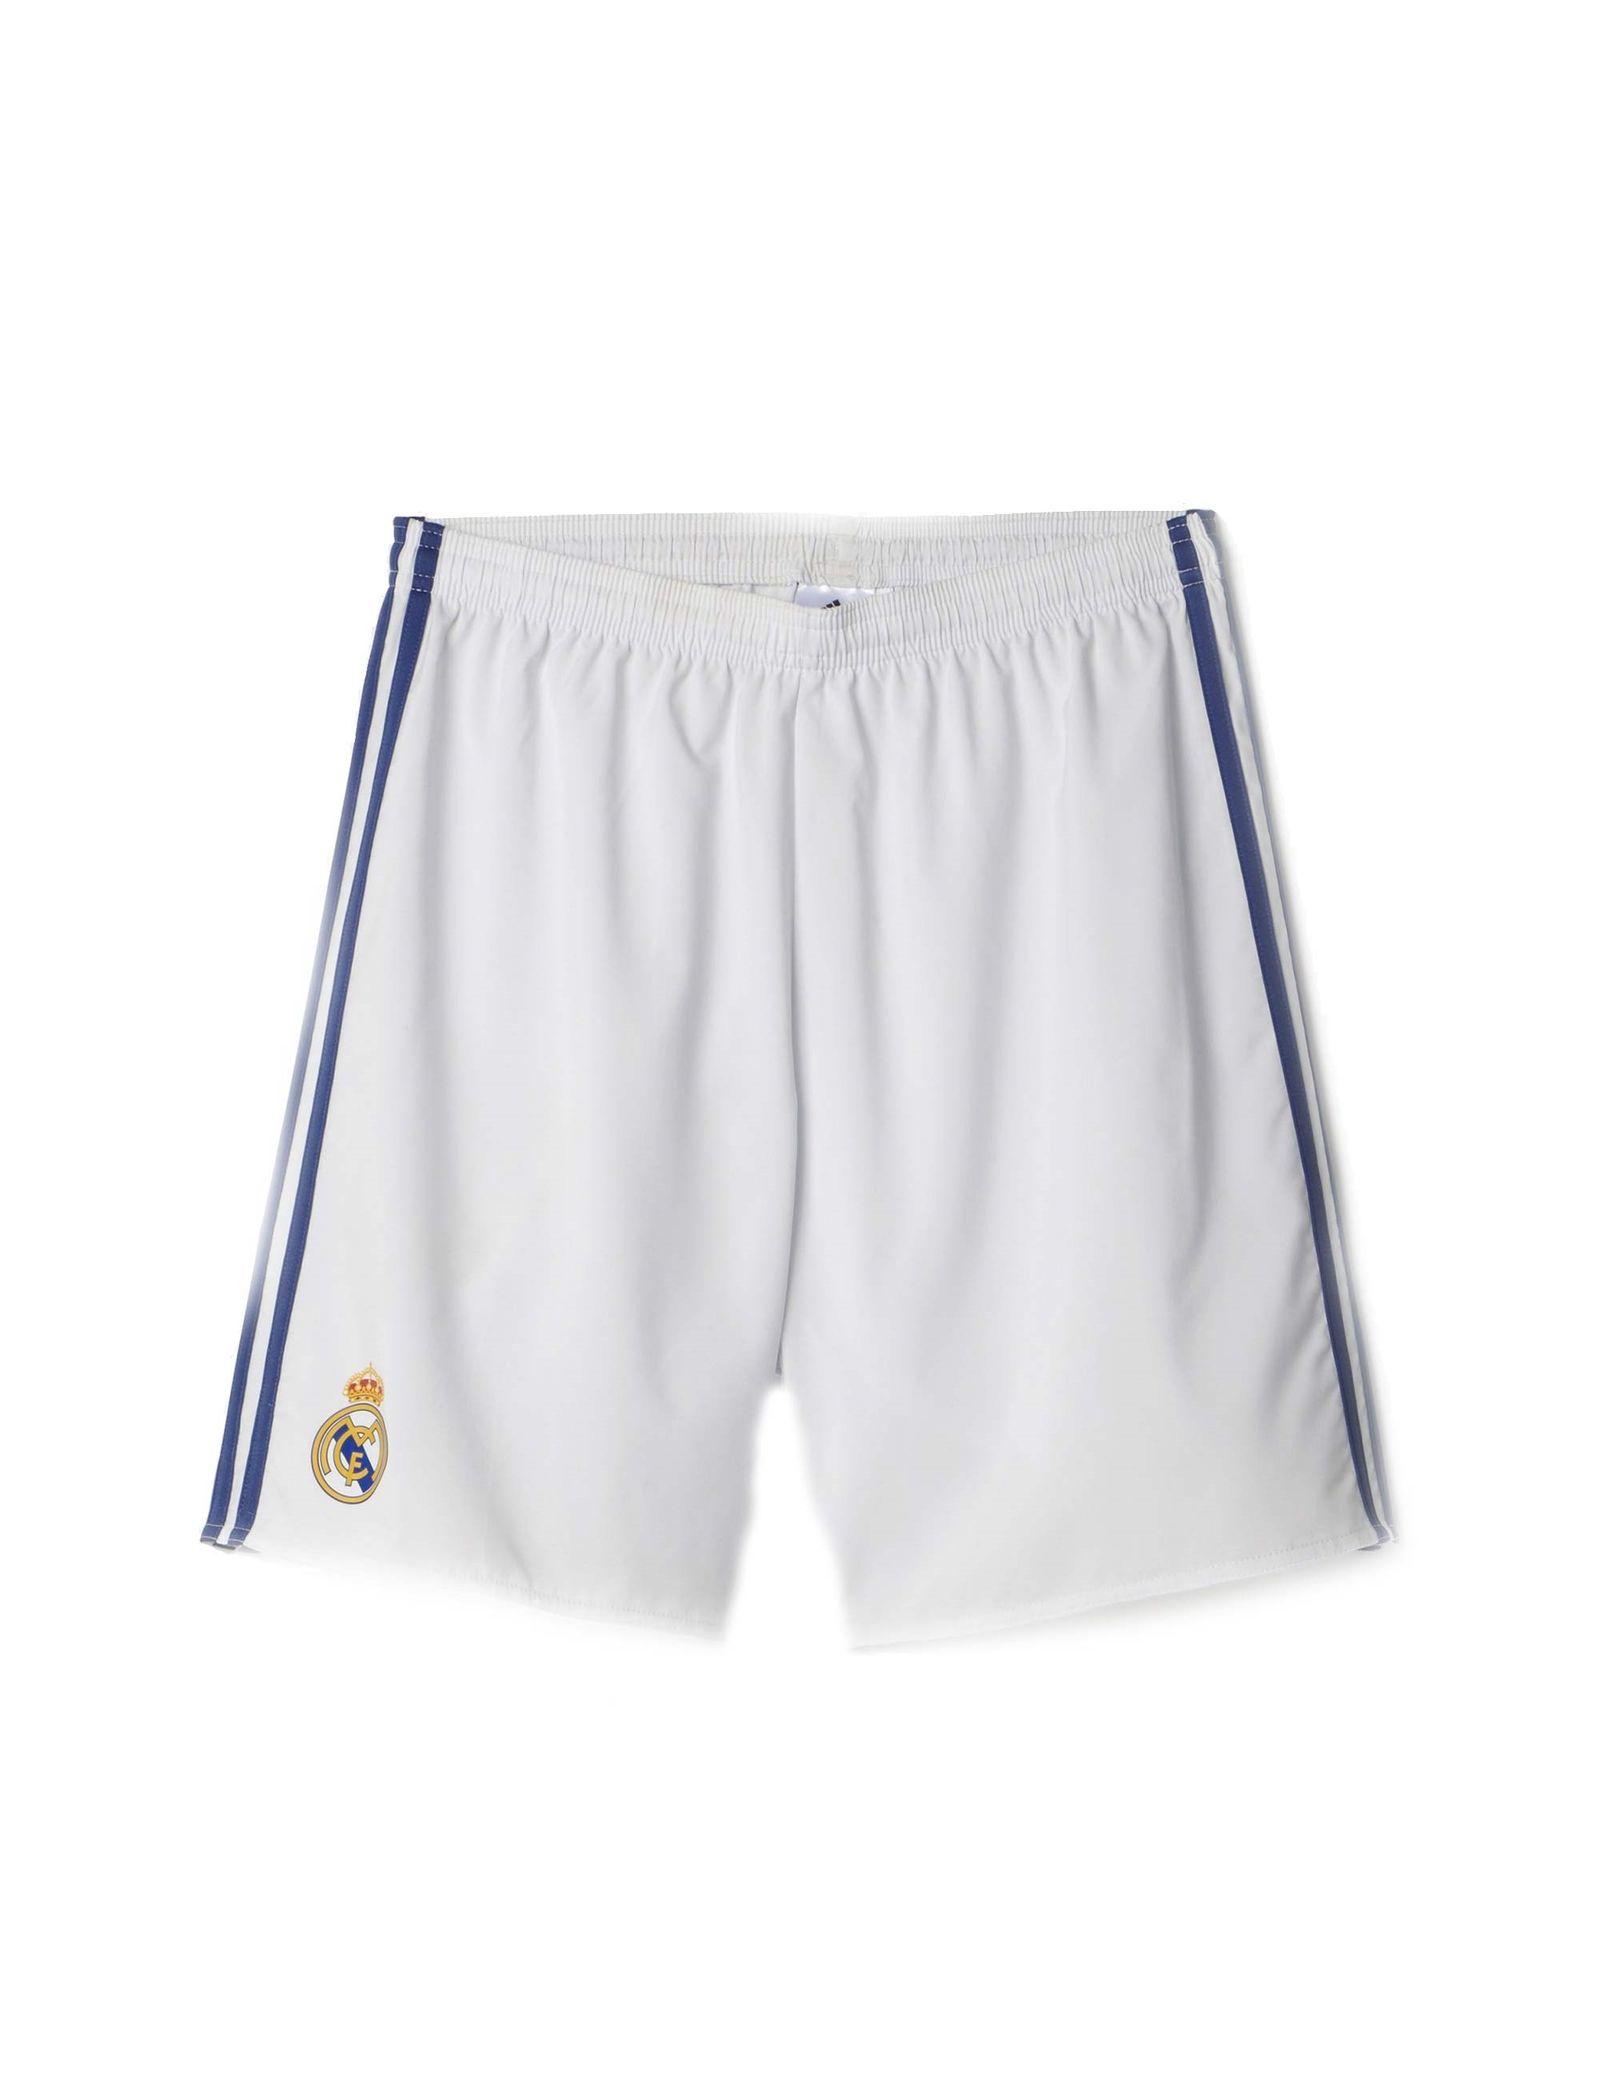 شلوارک ورزشی مردانه آدیداس مدل Real Madrid Home Replica - سفيد - 3